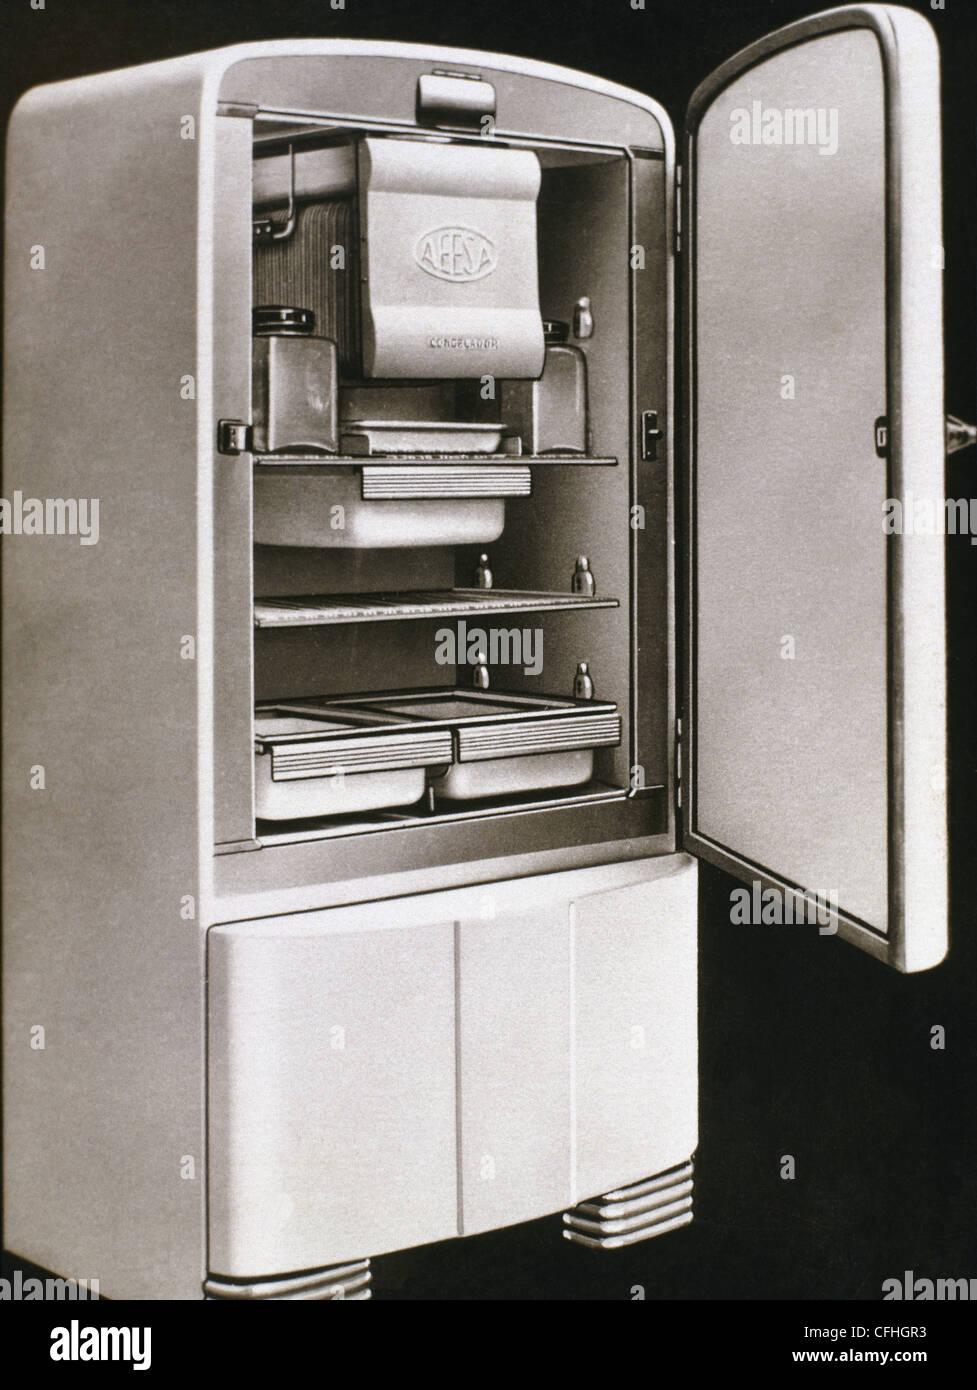 Erste elektrische Kühlschrank in Spanien von AEESA Marke (Anglo-Espanola de Electricidad SA) produziert. 50. Stockbild